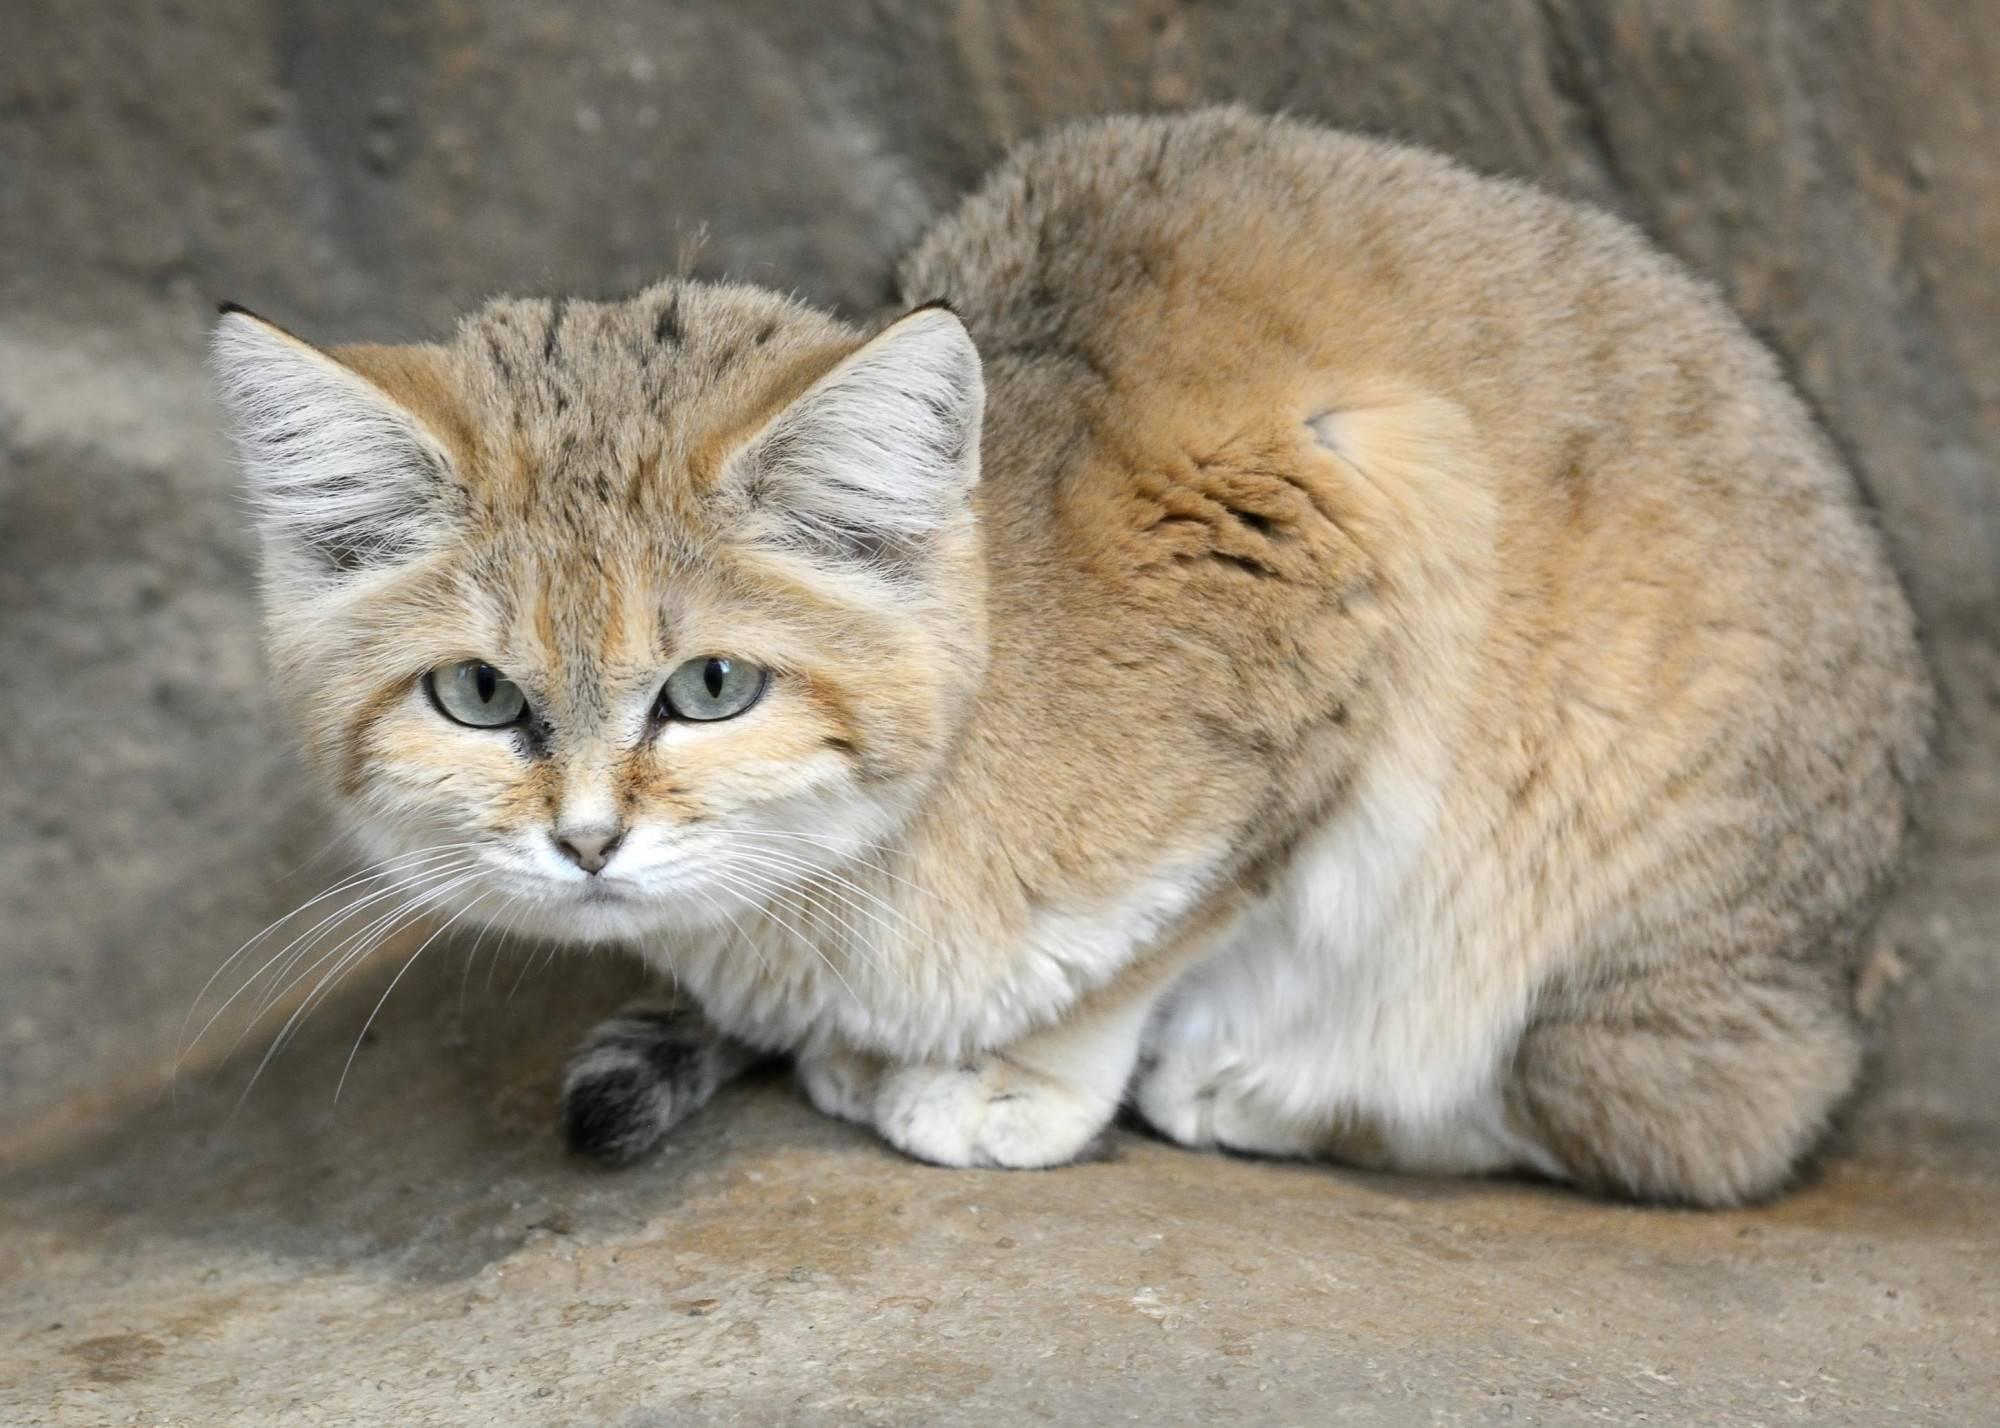 Барханный кот, маленький воин пустыни - барханный кот, песчаный кот, разновидности, ареал обитания, образ жизни, размножение, истребление